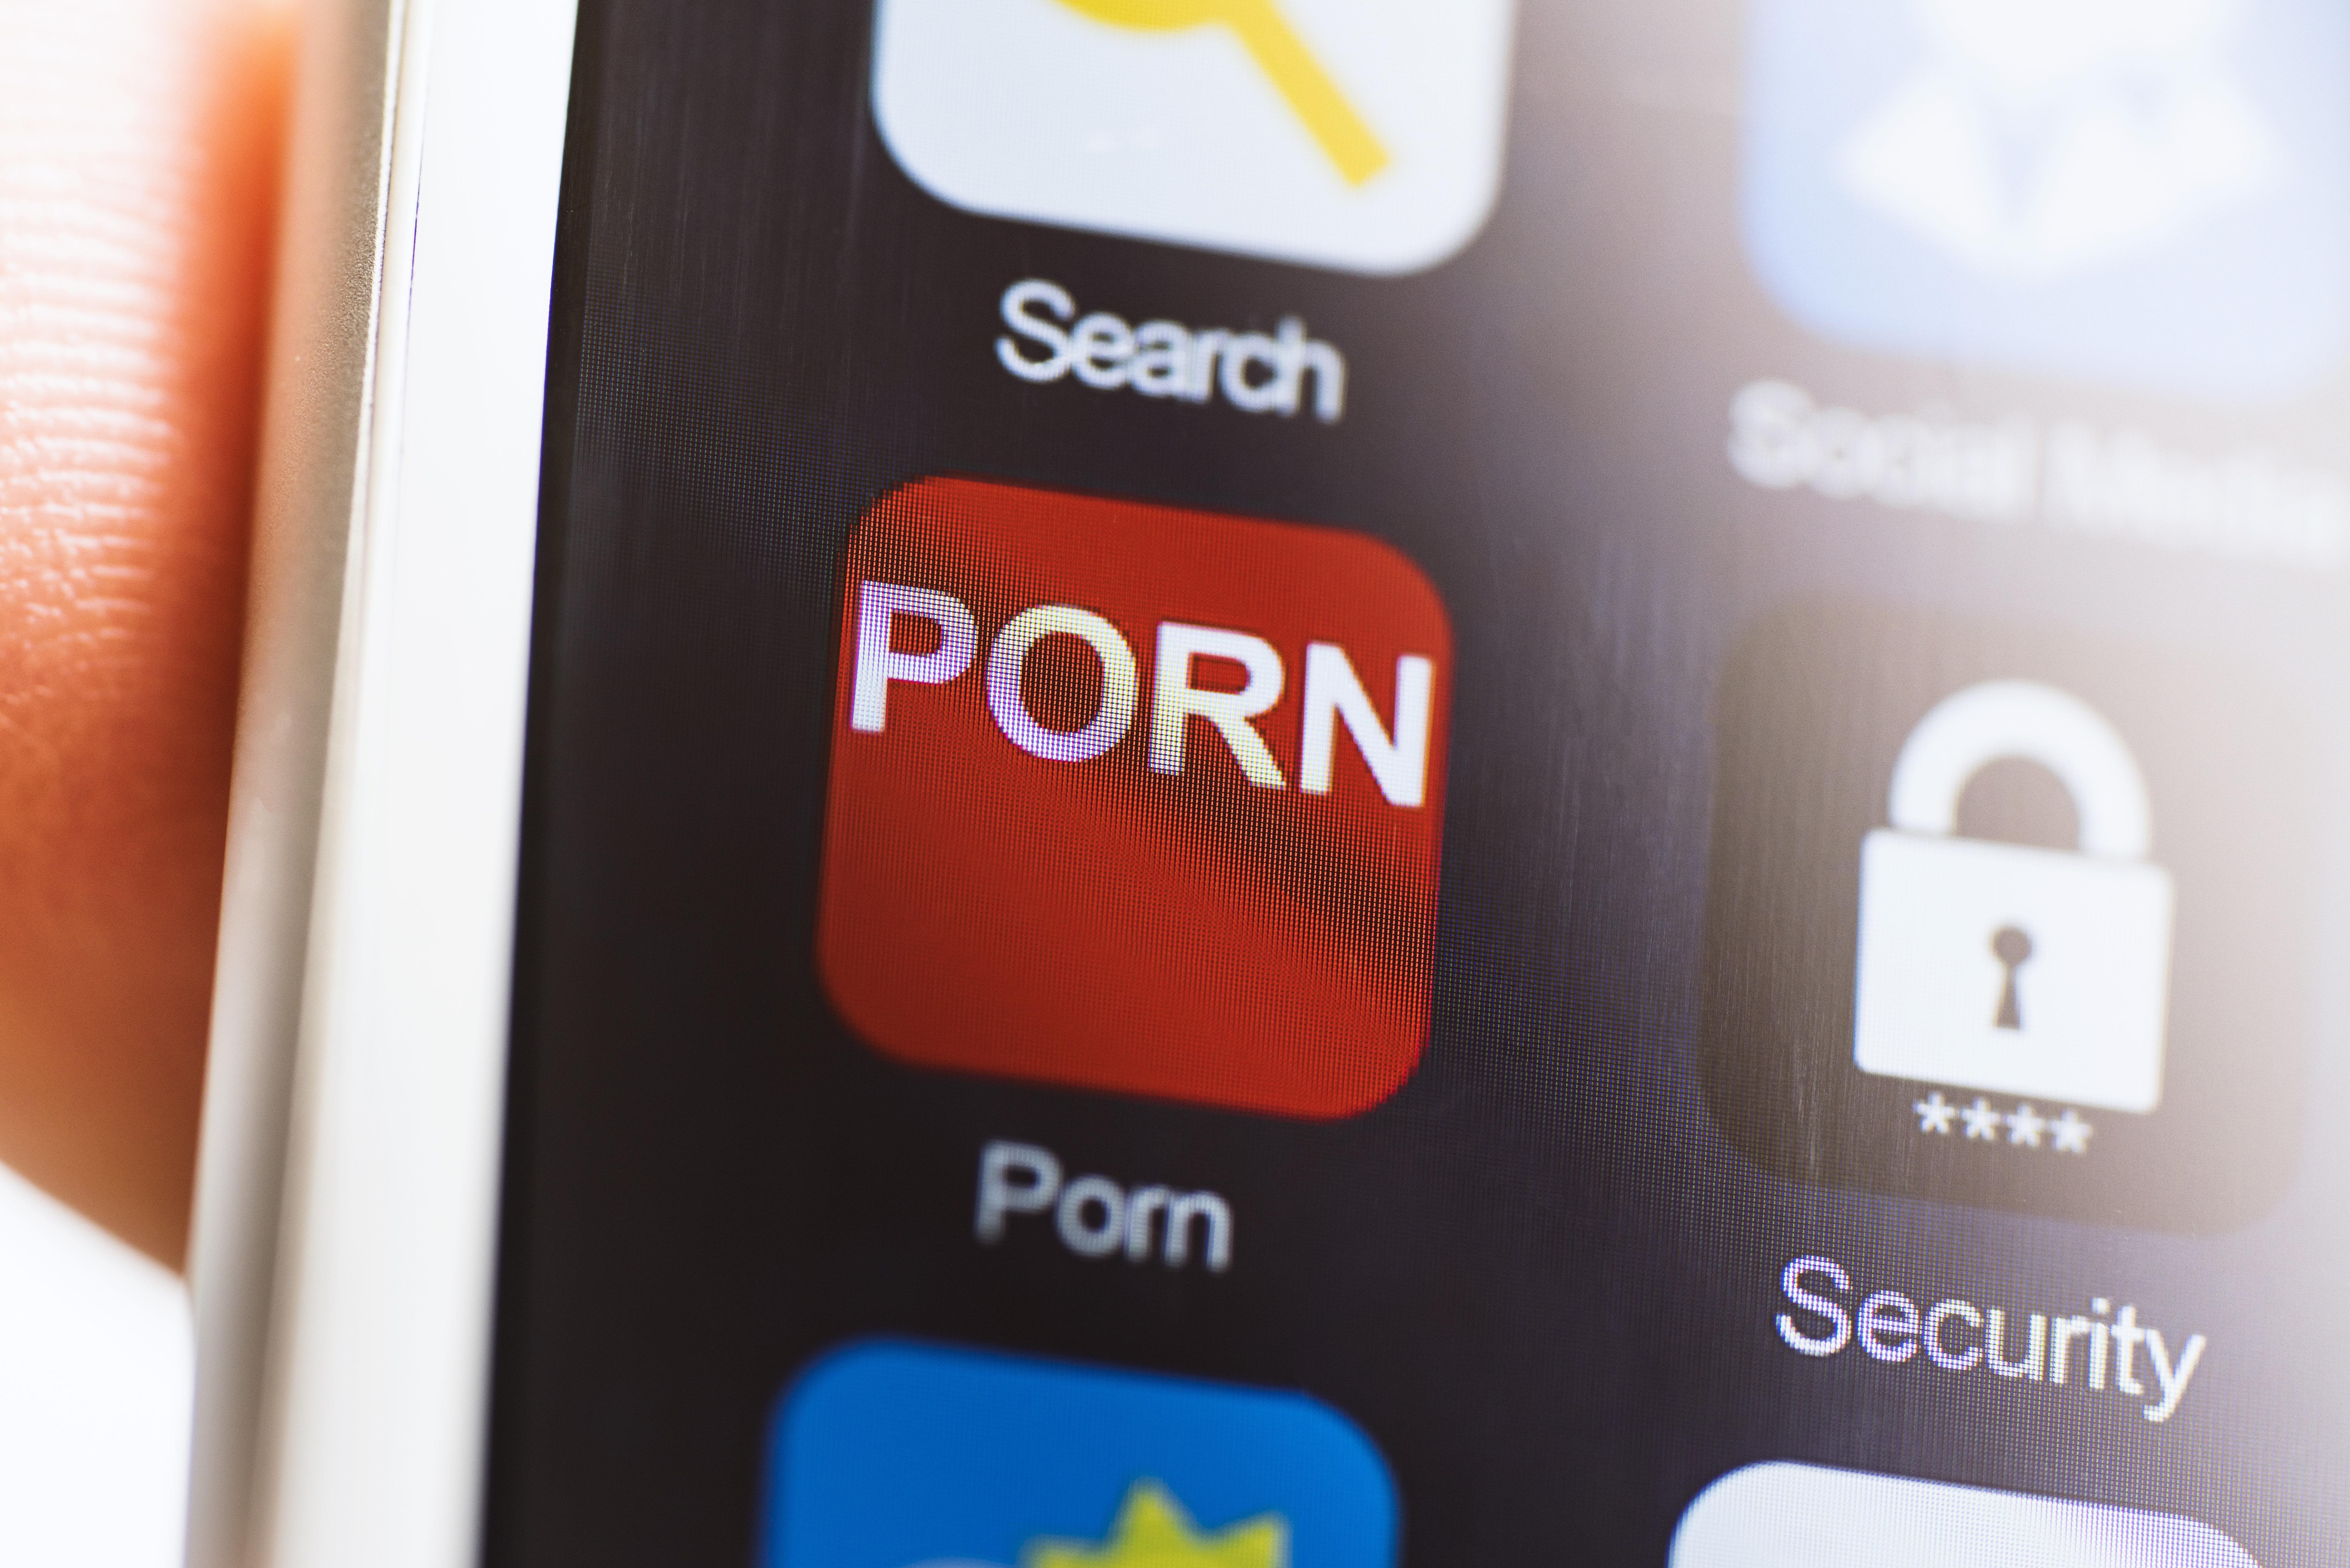 Sexy big titty porn stars in bikini